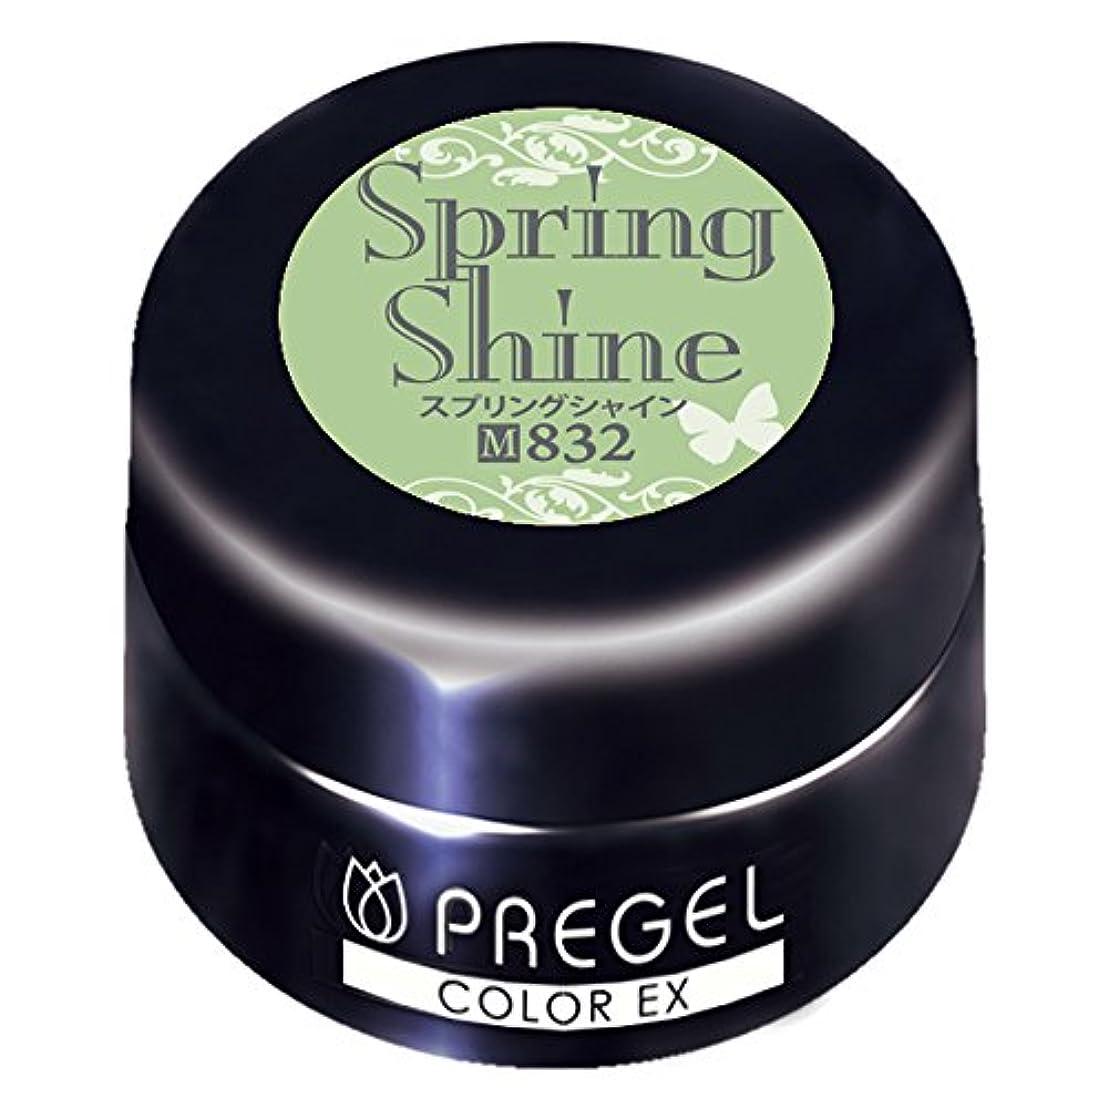 保育園奨学金制限PRE GEL カラーEX スプリングシャイン832 3g UV/LED対応